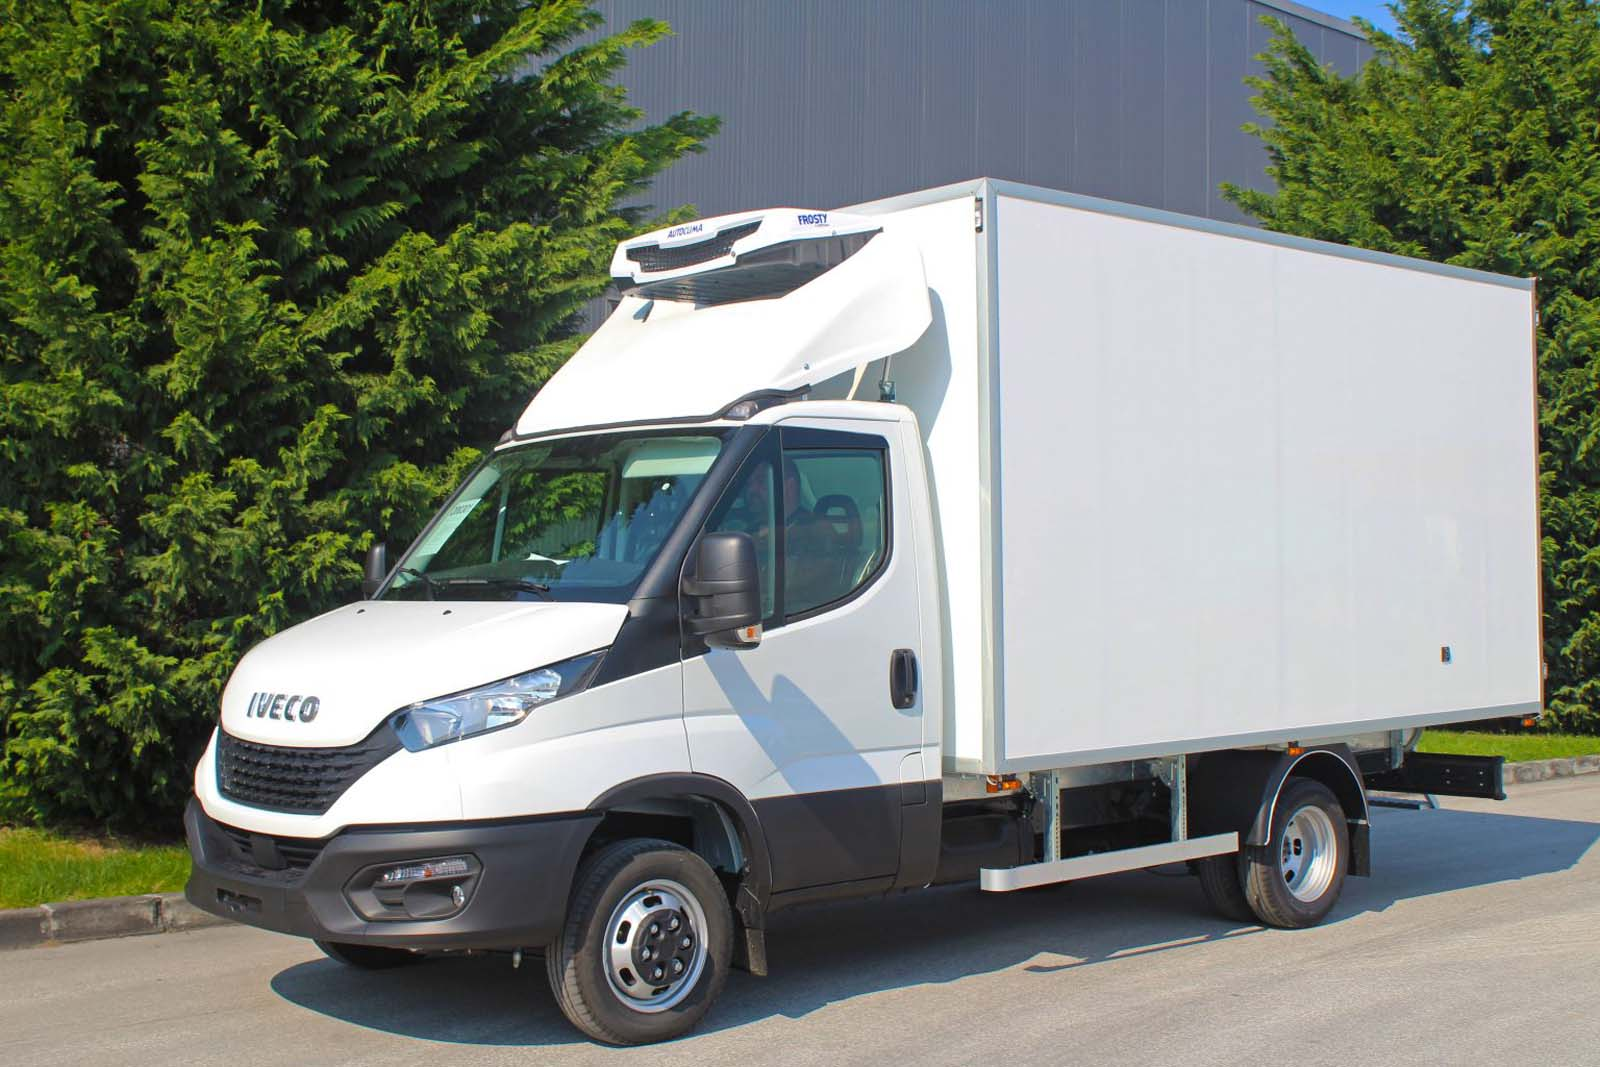 burgas-truck-service-upgrades-12